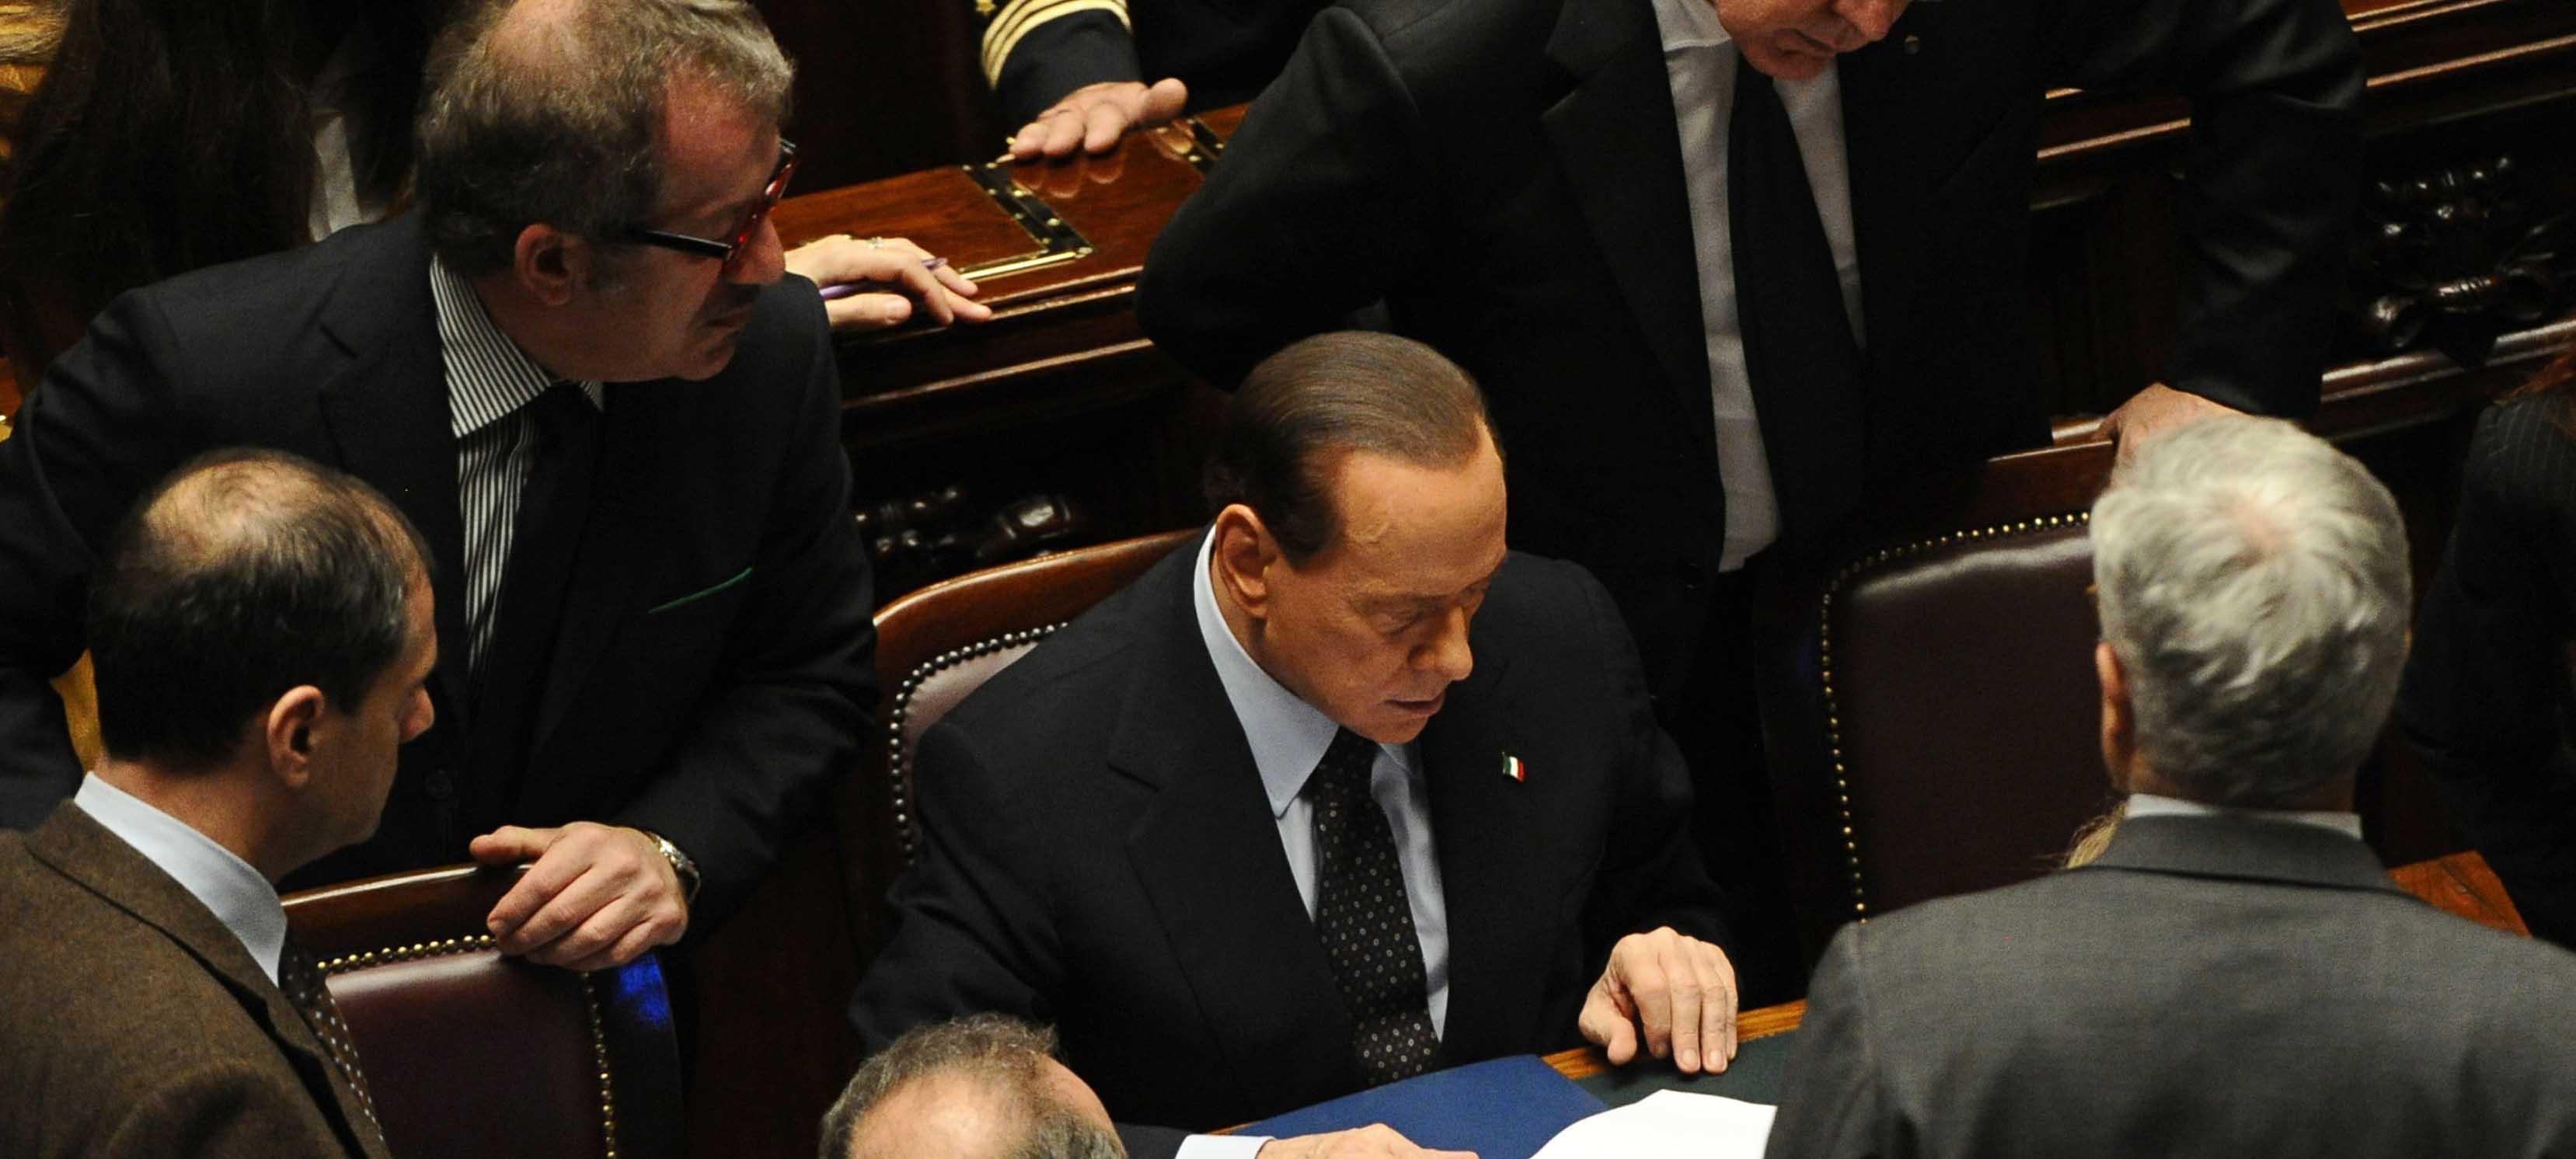 ITALY-POLITICS-PARLIAMENT-VOTE-BERLUSCONI